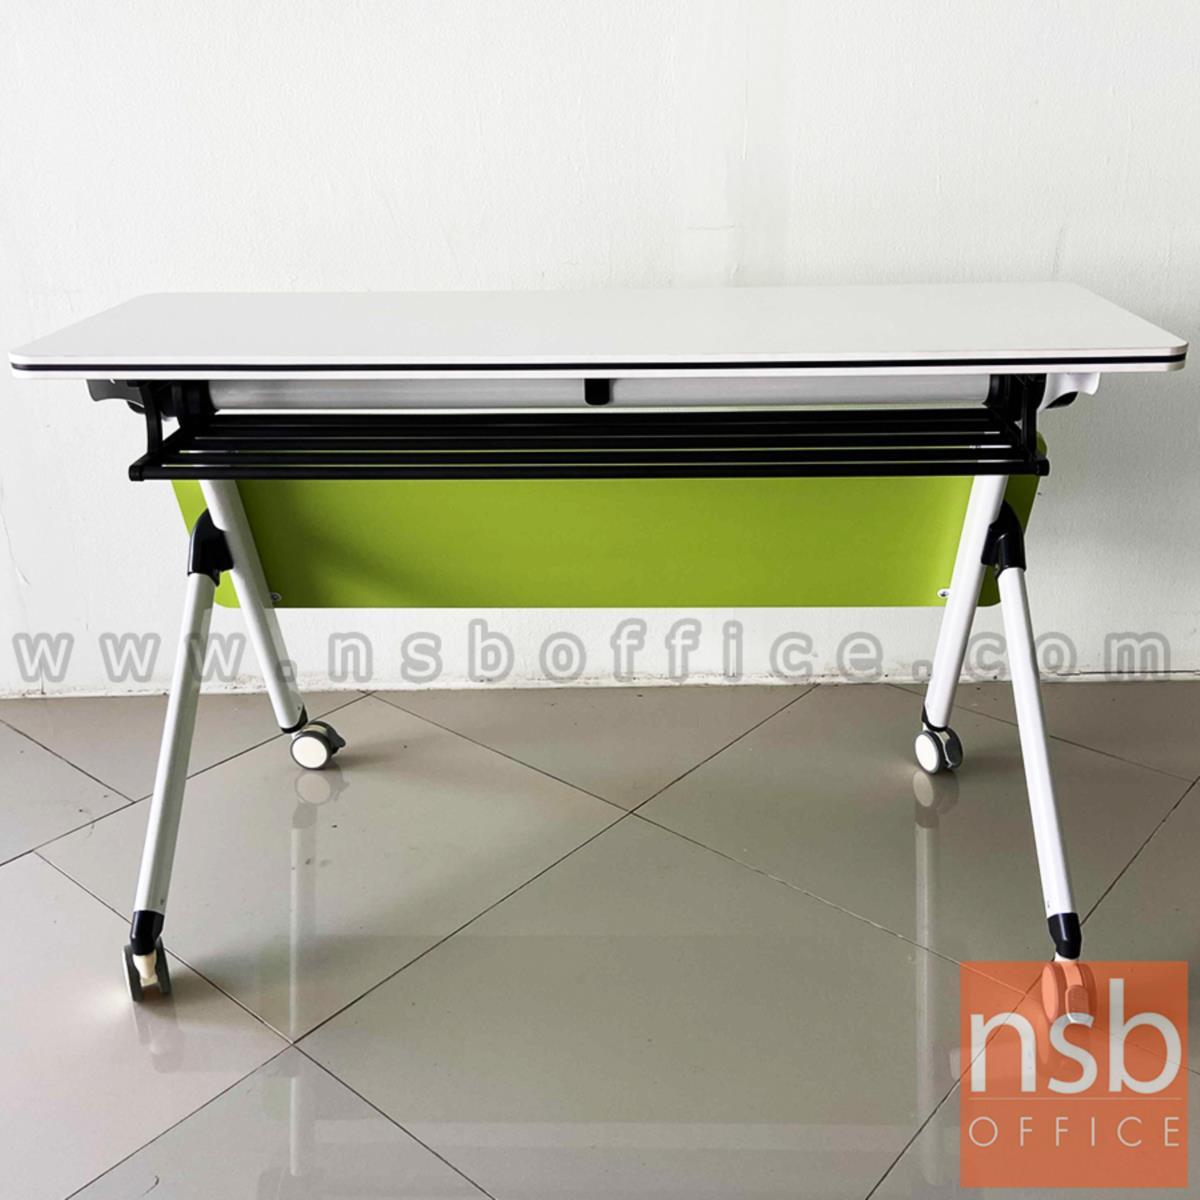 โต๊ะสัมมนาเล็ก มีบังตา พับได้ล้อเลื่อน รุ่น BRINE ขนาด 120W*40D cm.